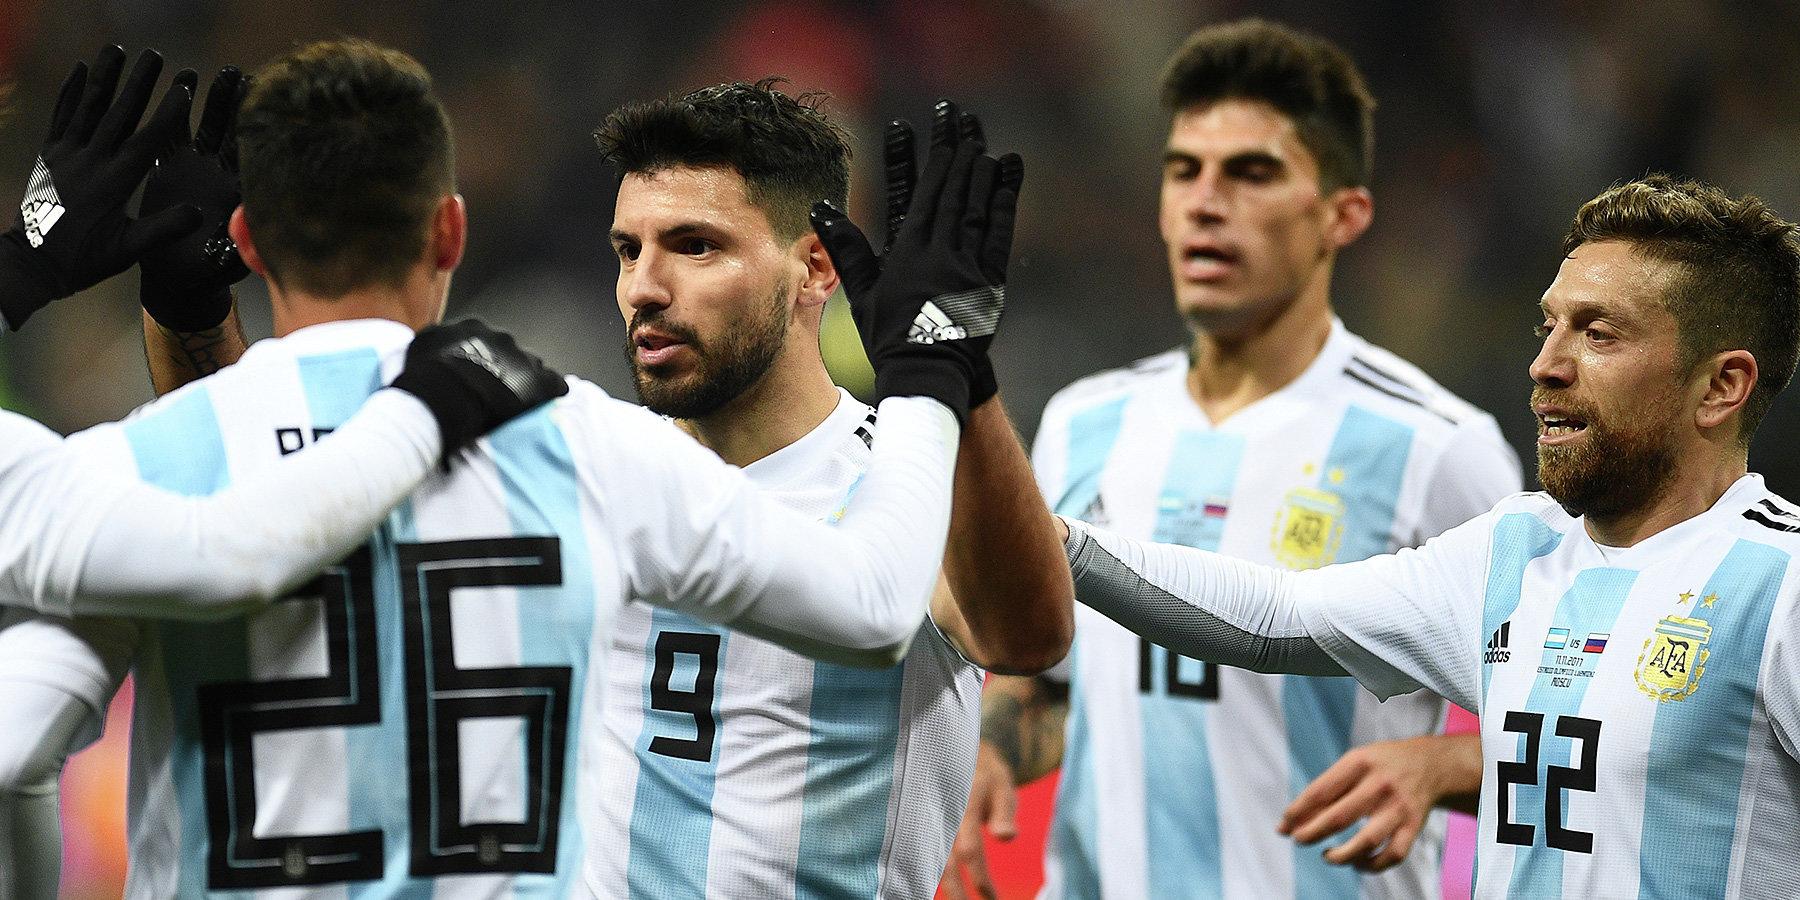 Аргентина отменила товарищеский матч сосборной Израиля